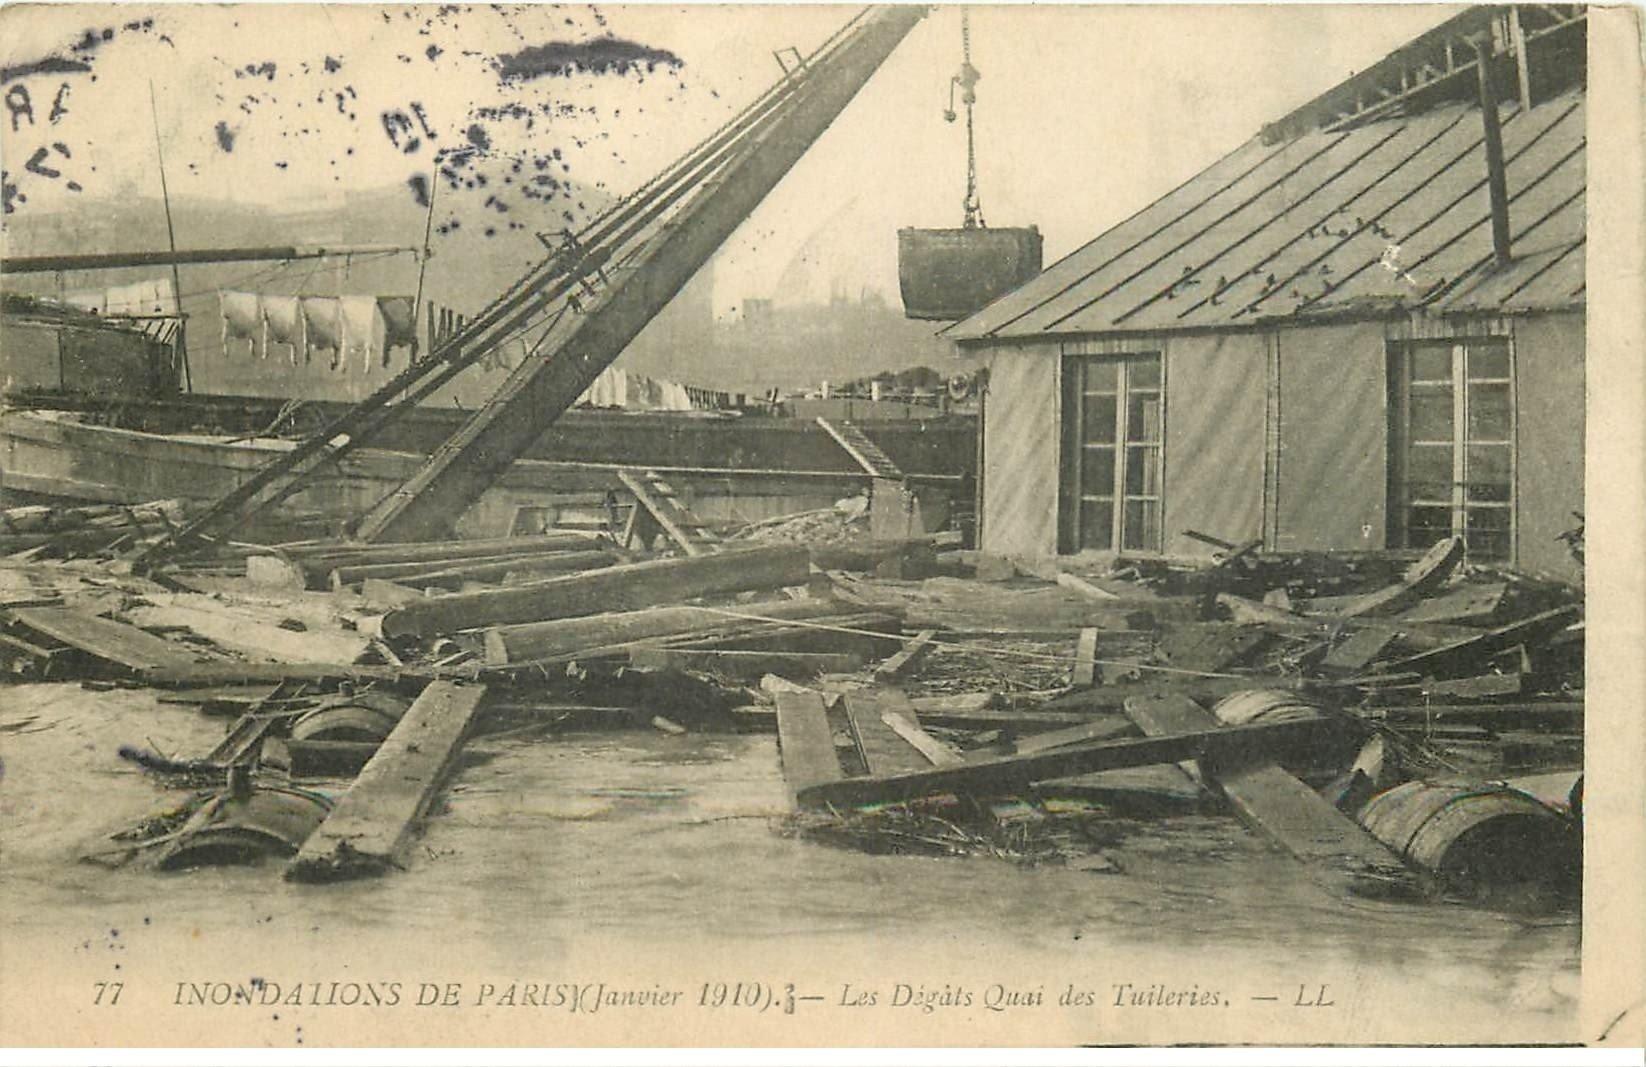 carte postale ancienne INONDATION ET CRUE DE PARIS 1910. Dégats Quai Tuileries